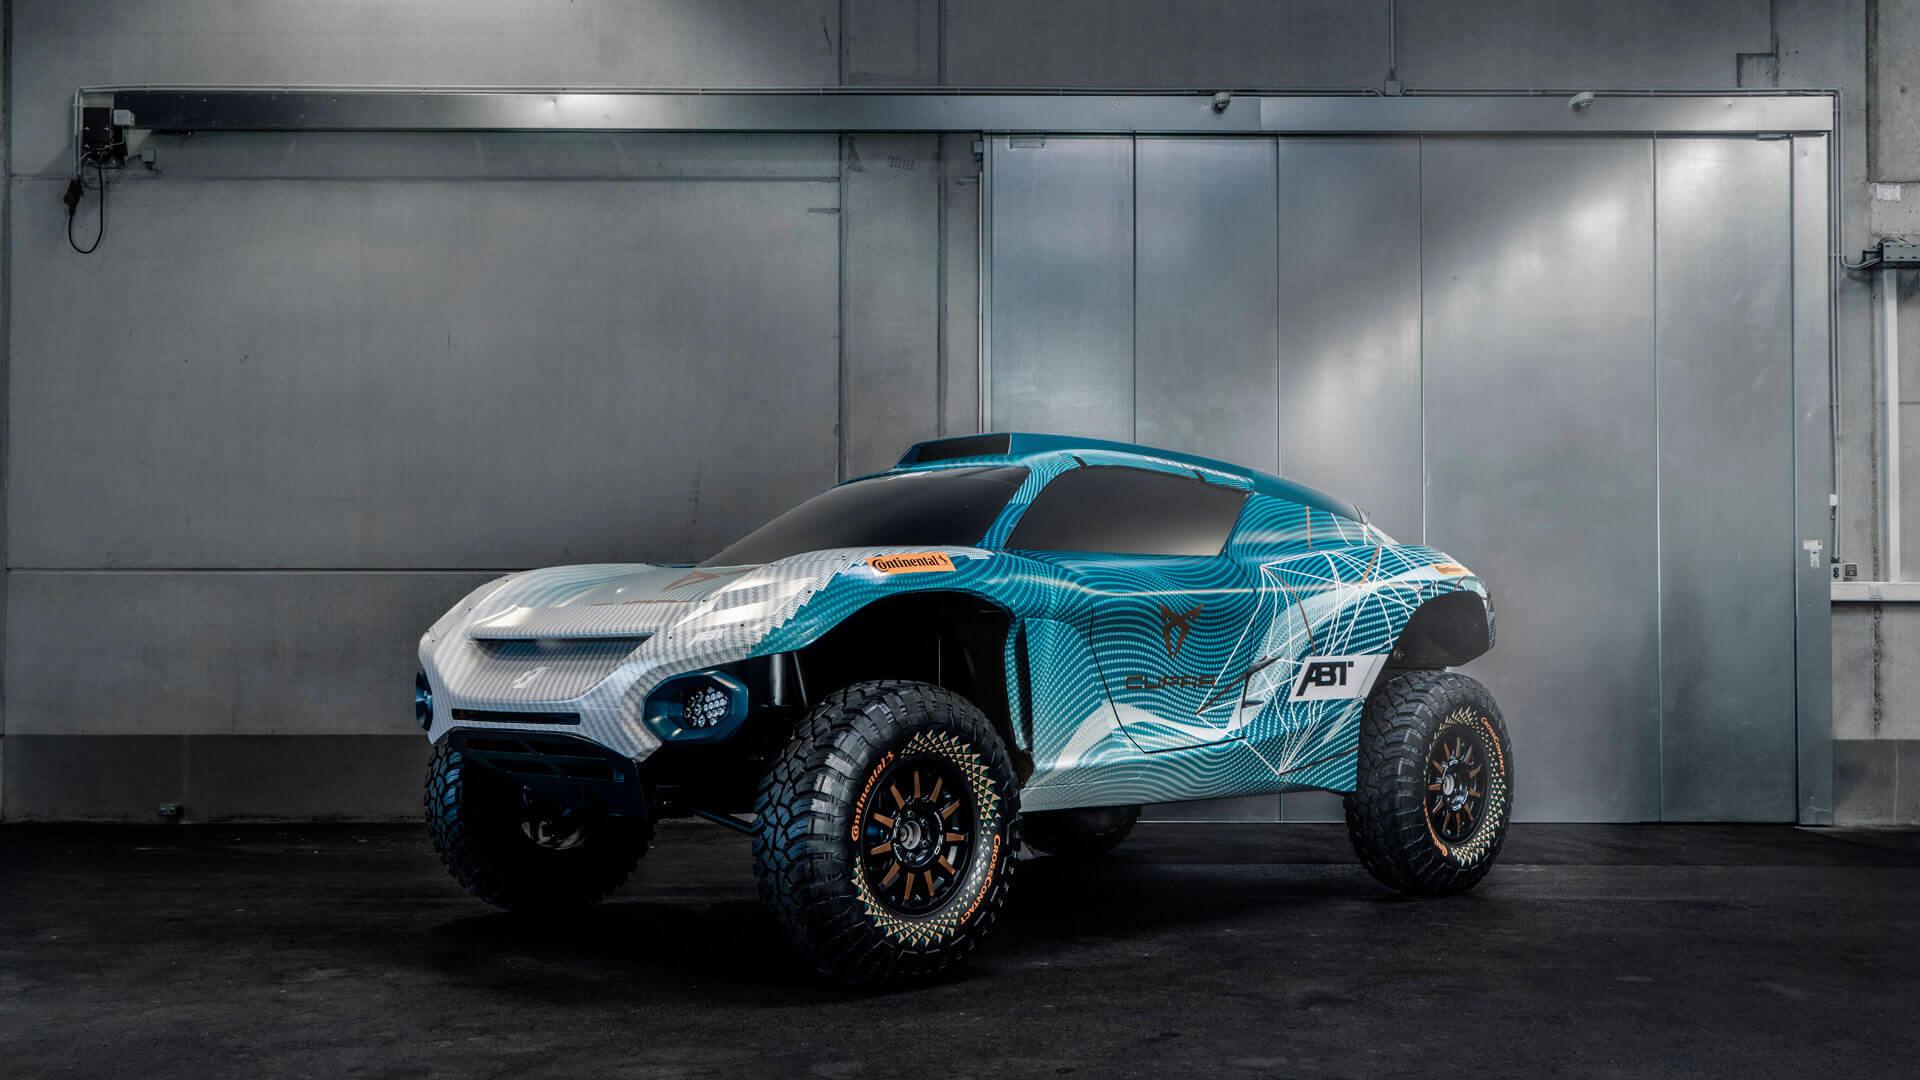 Торжественное открытие CUPRA Garage в Гамбурге ознаменовало собой объявление об участии бренда в Extreme E